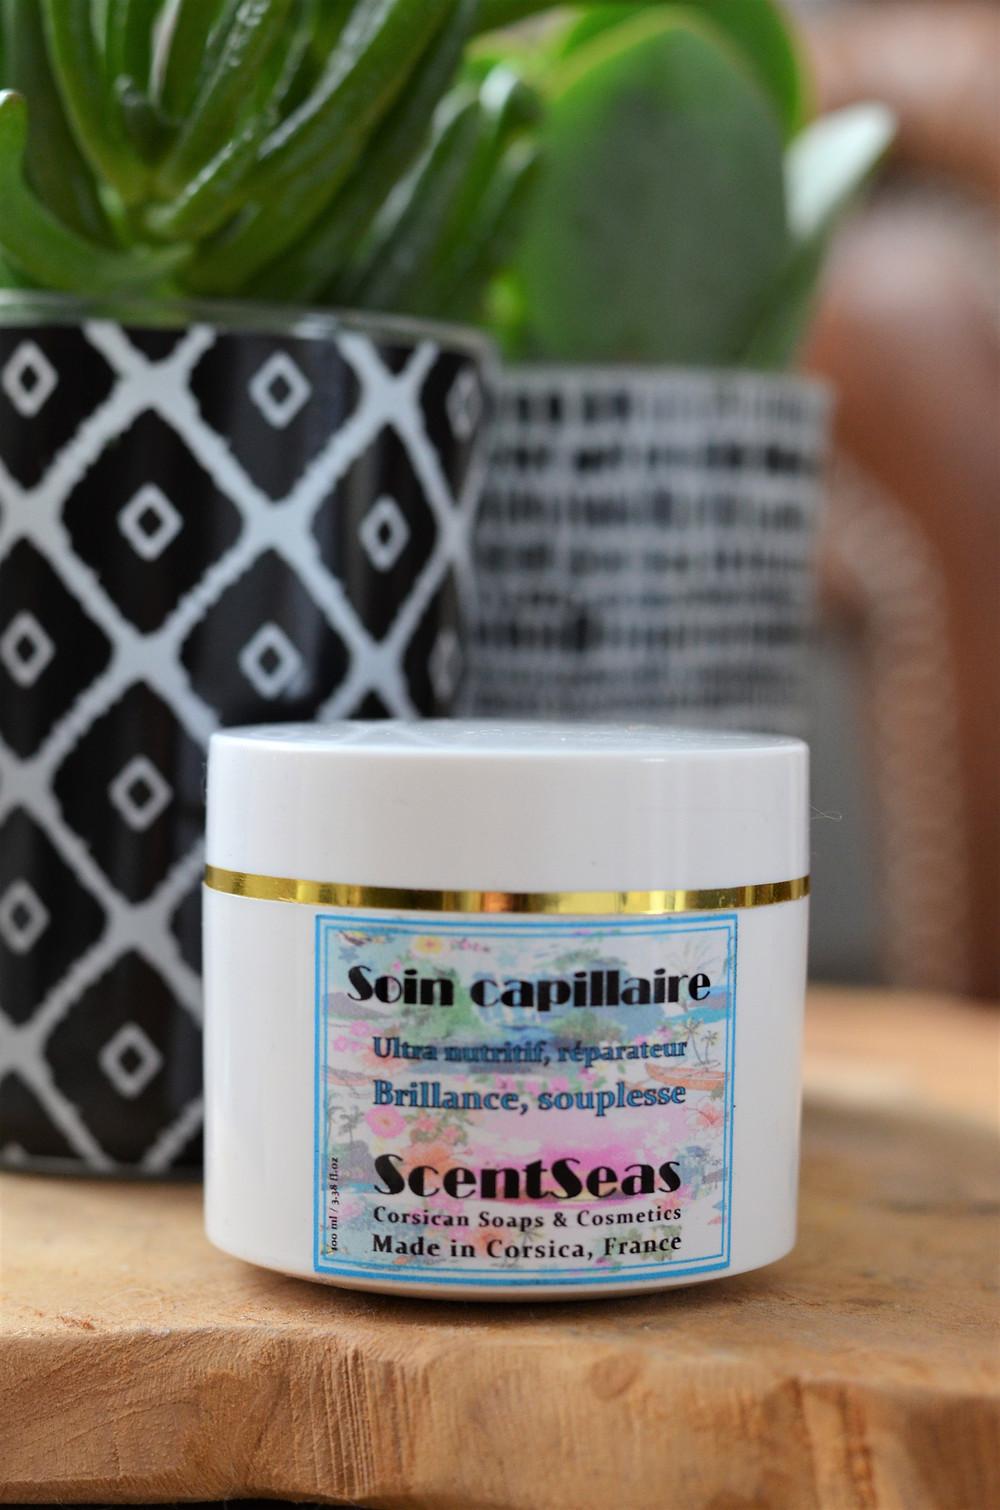 soin capillaire corsica beauty